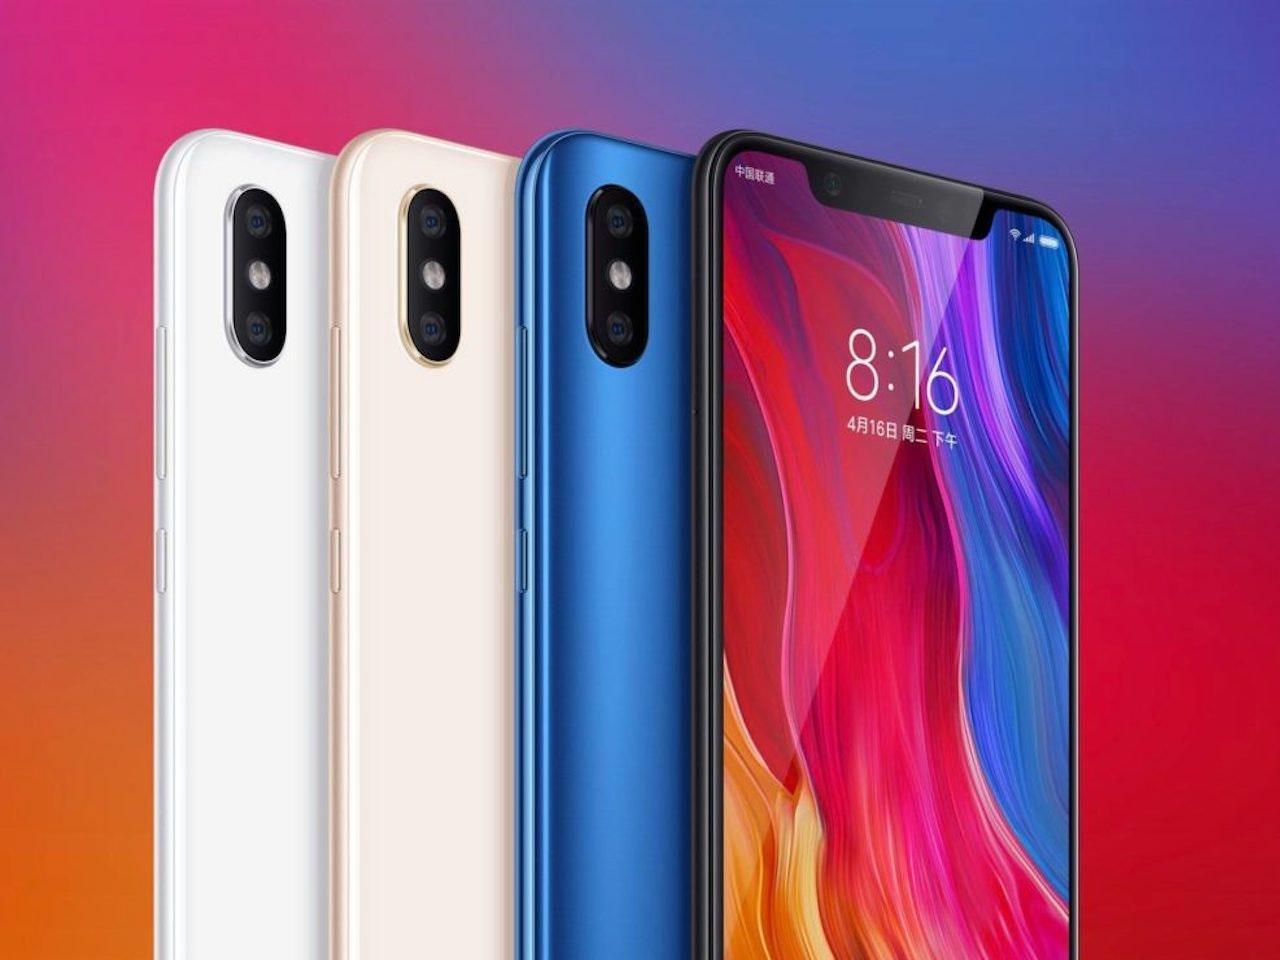 Où acheter le Xiaomi Mi 8 au meilleur prix en 2020 ?